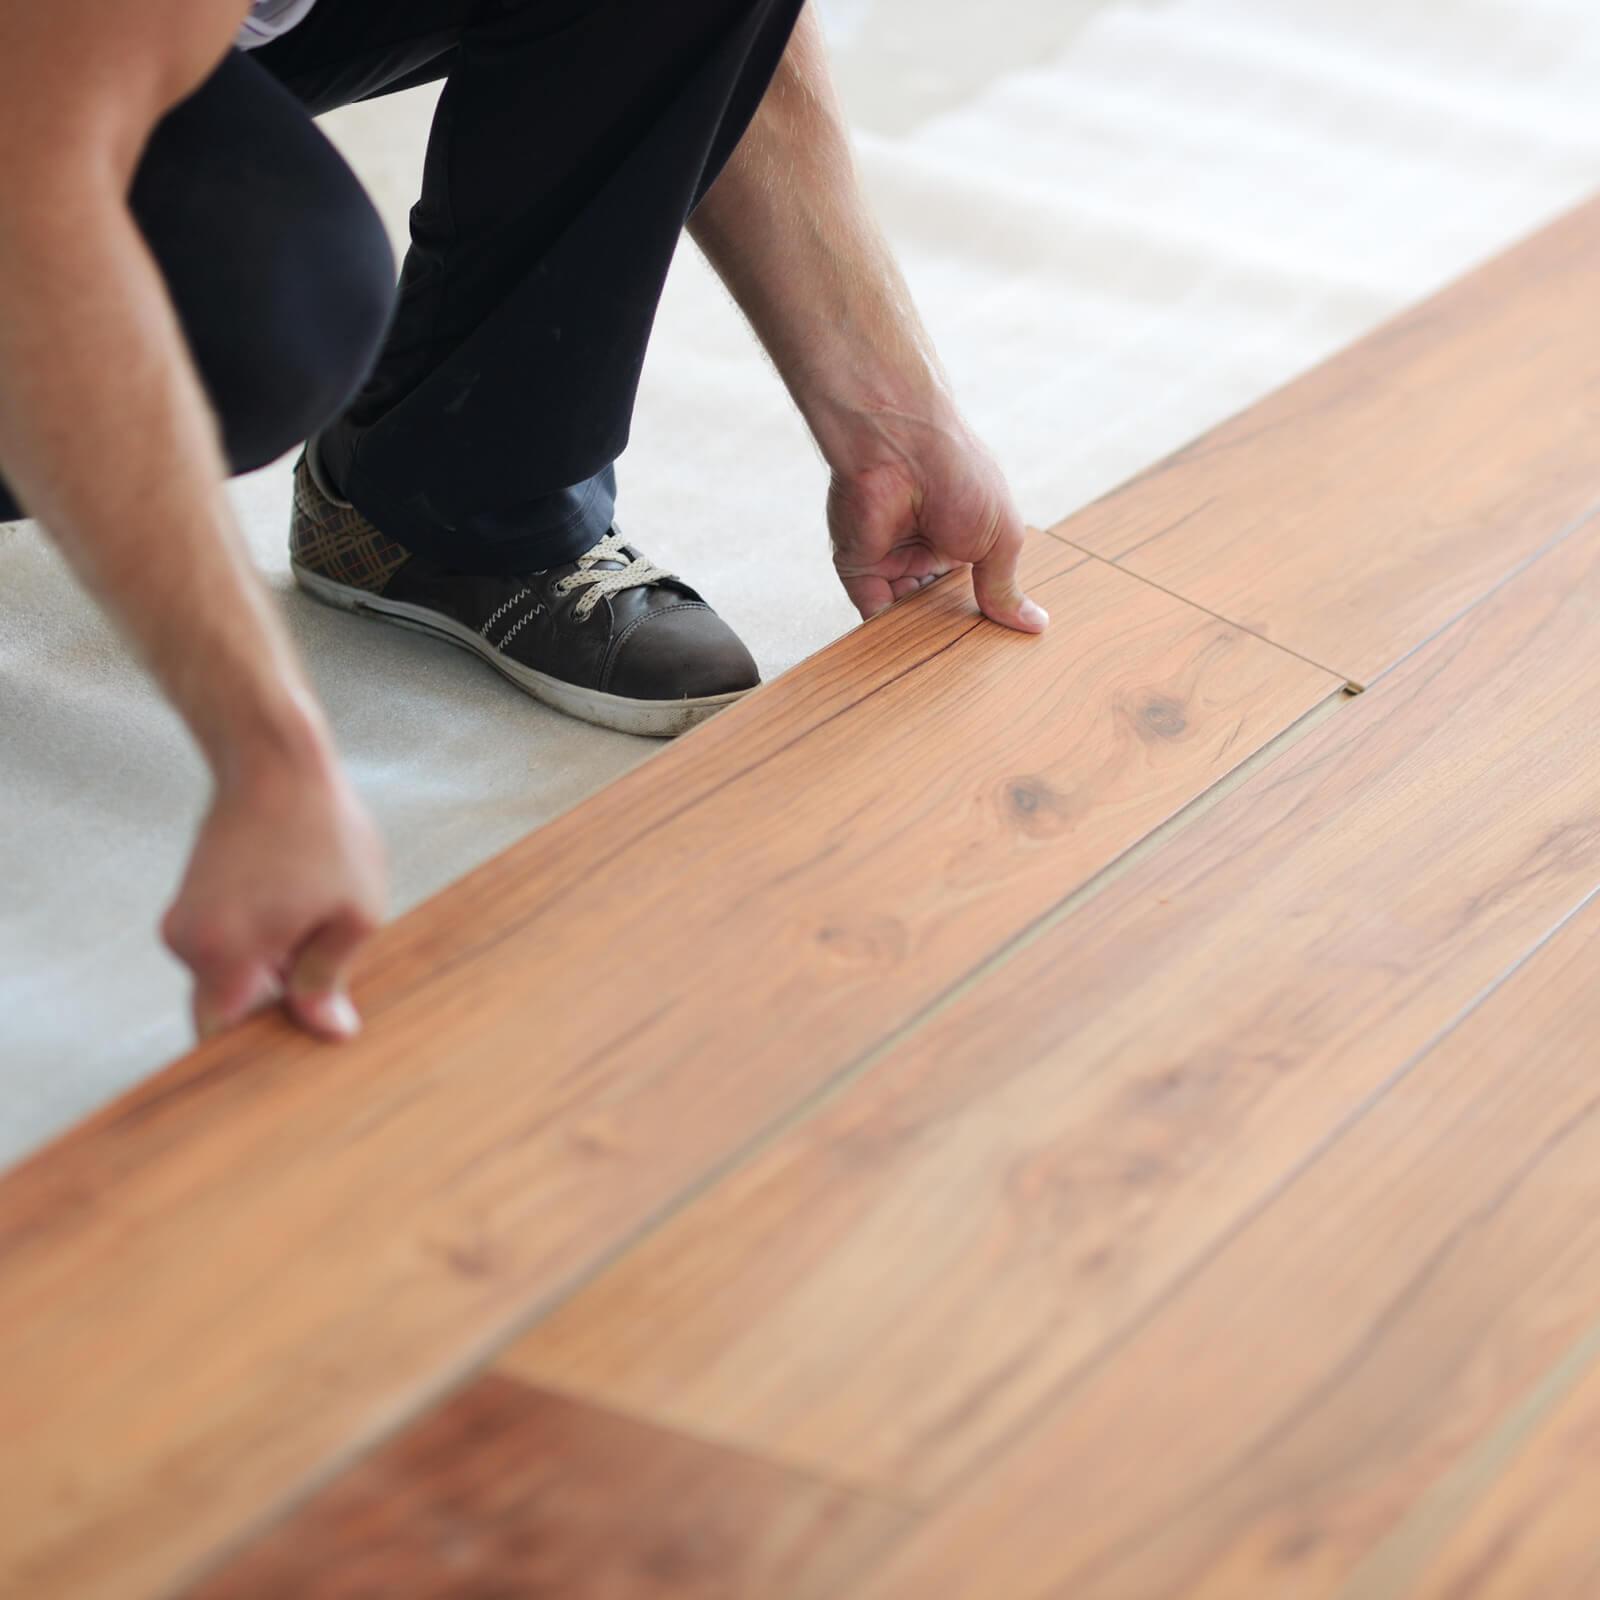 Floor installation | Elite Flooring and Interiors Inc